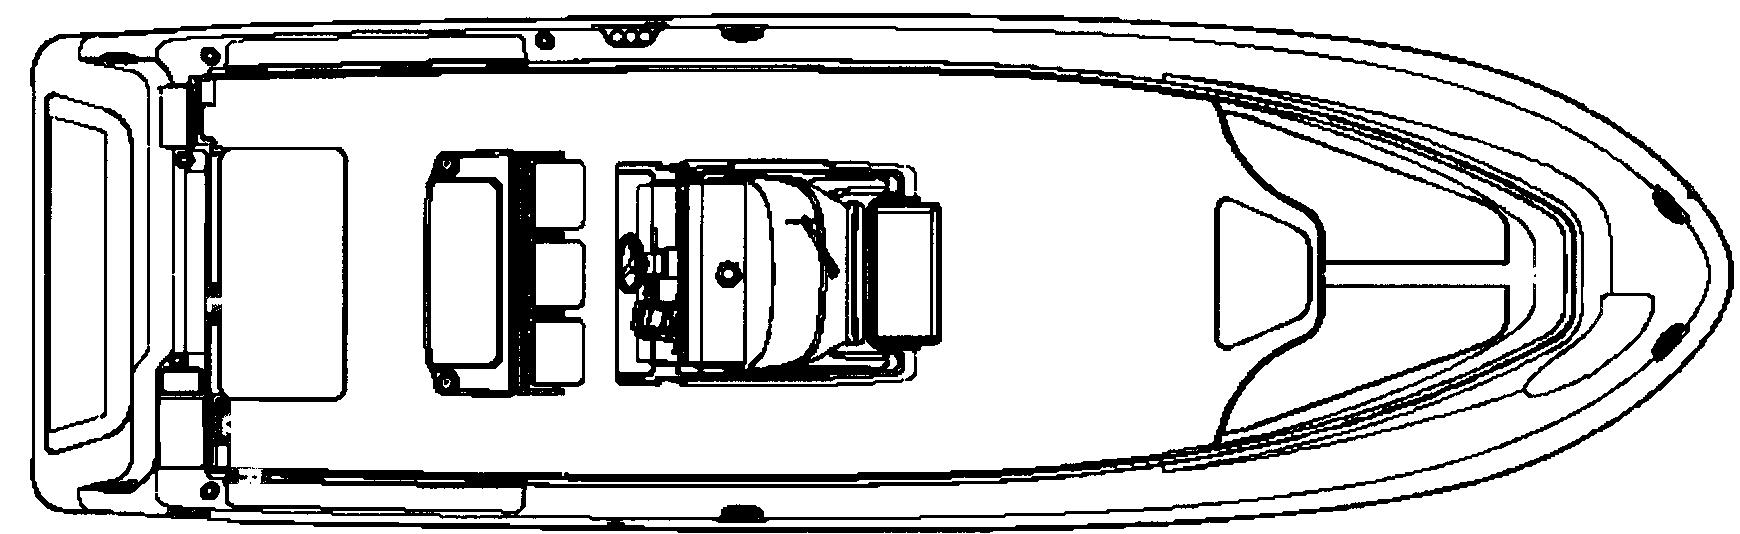 Vector 3300-3400 Center Console Floor Plan 1